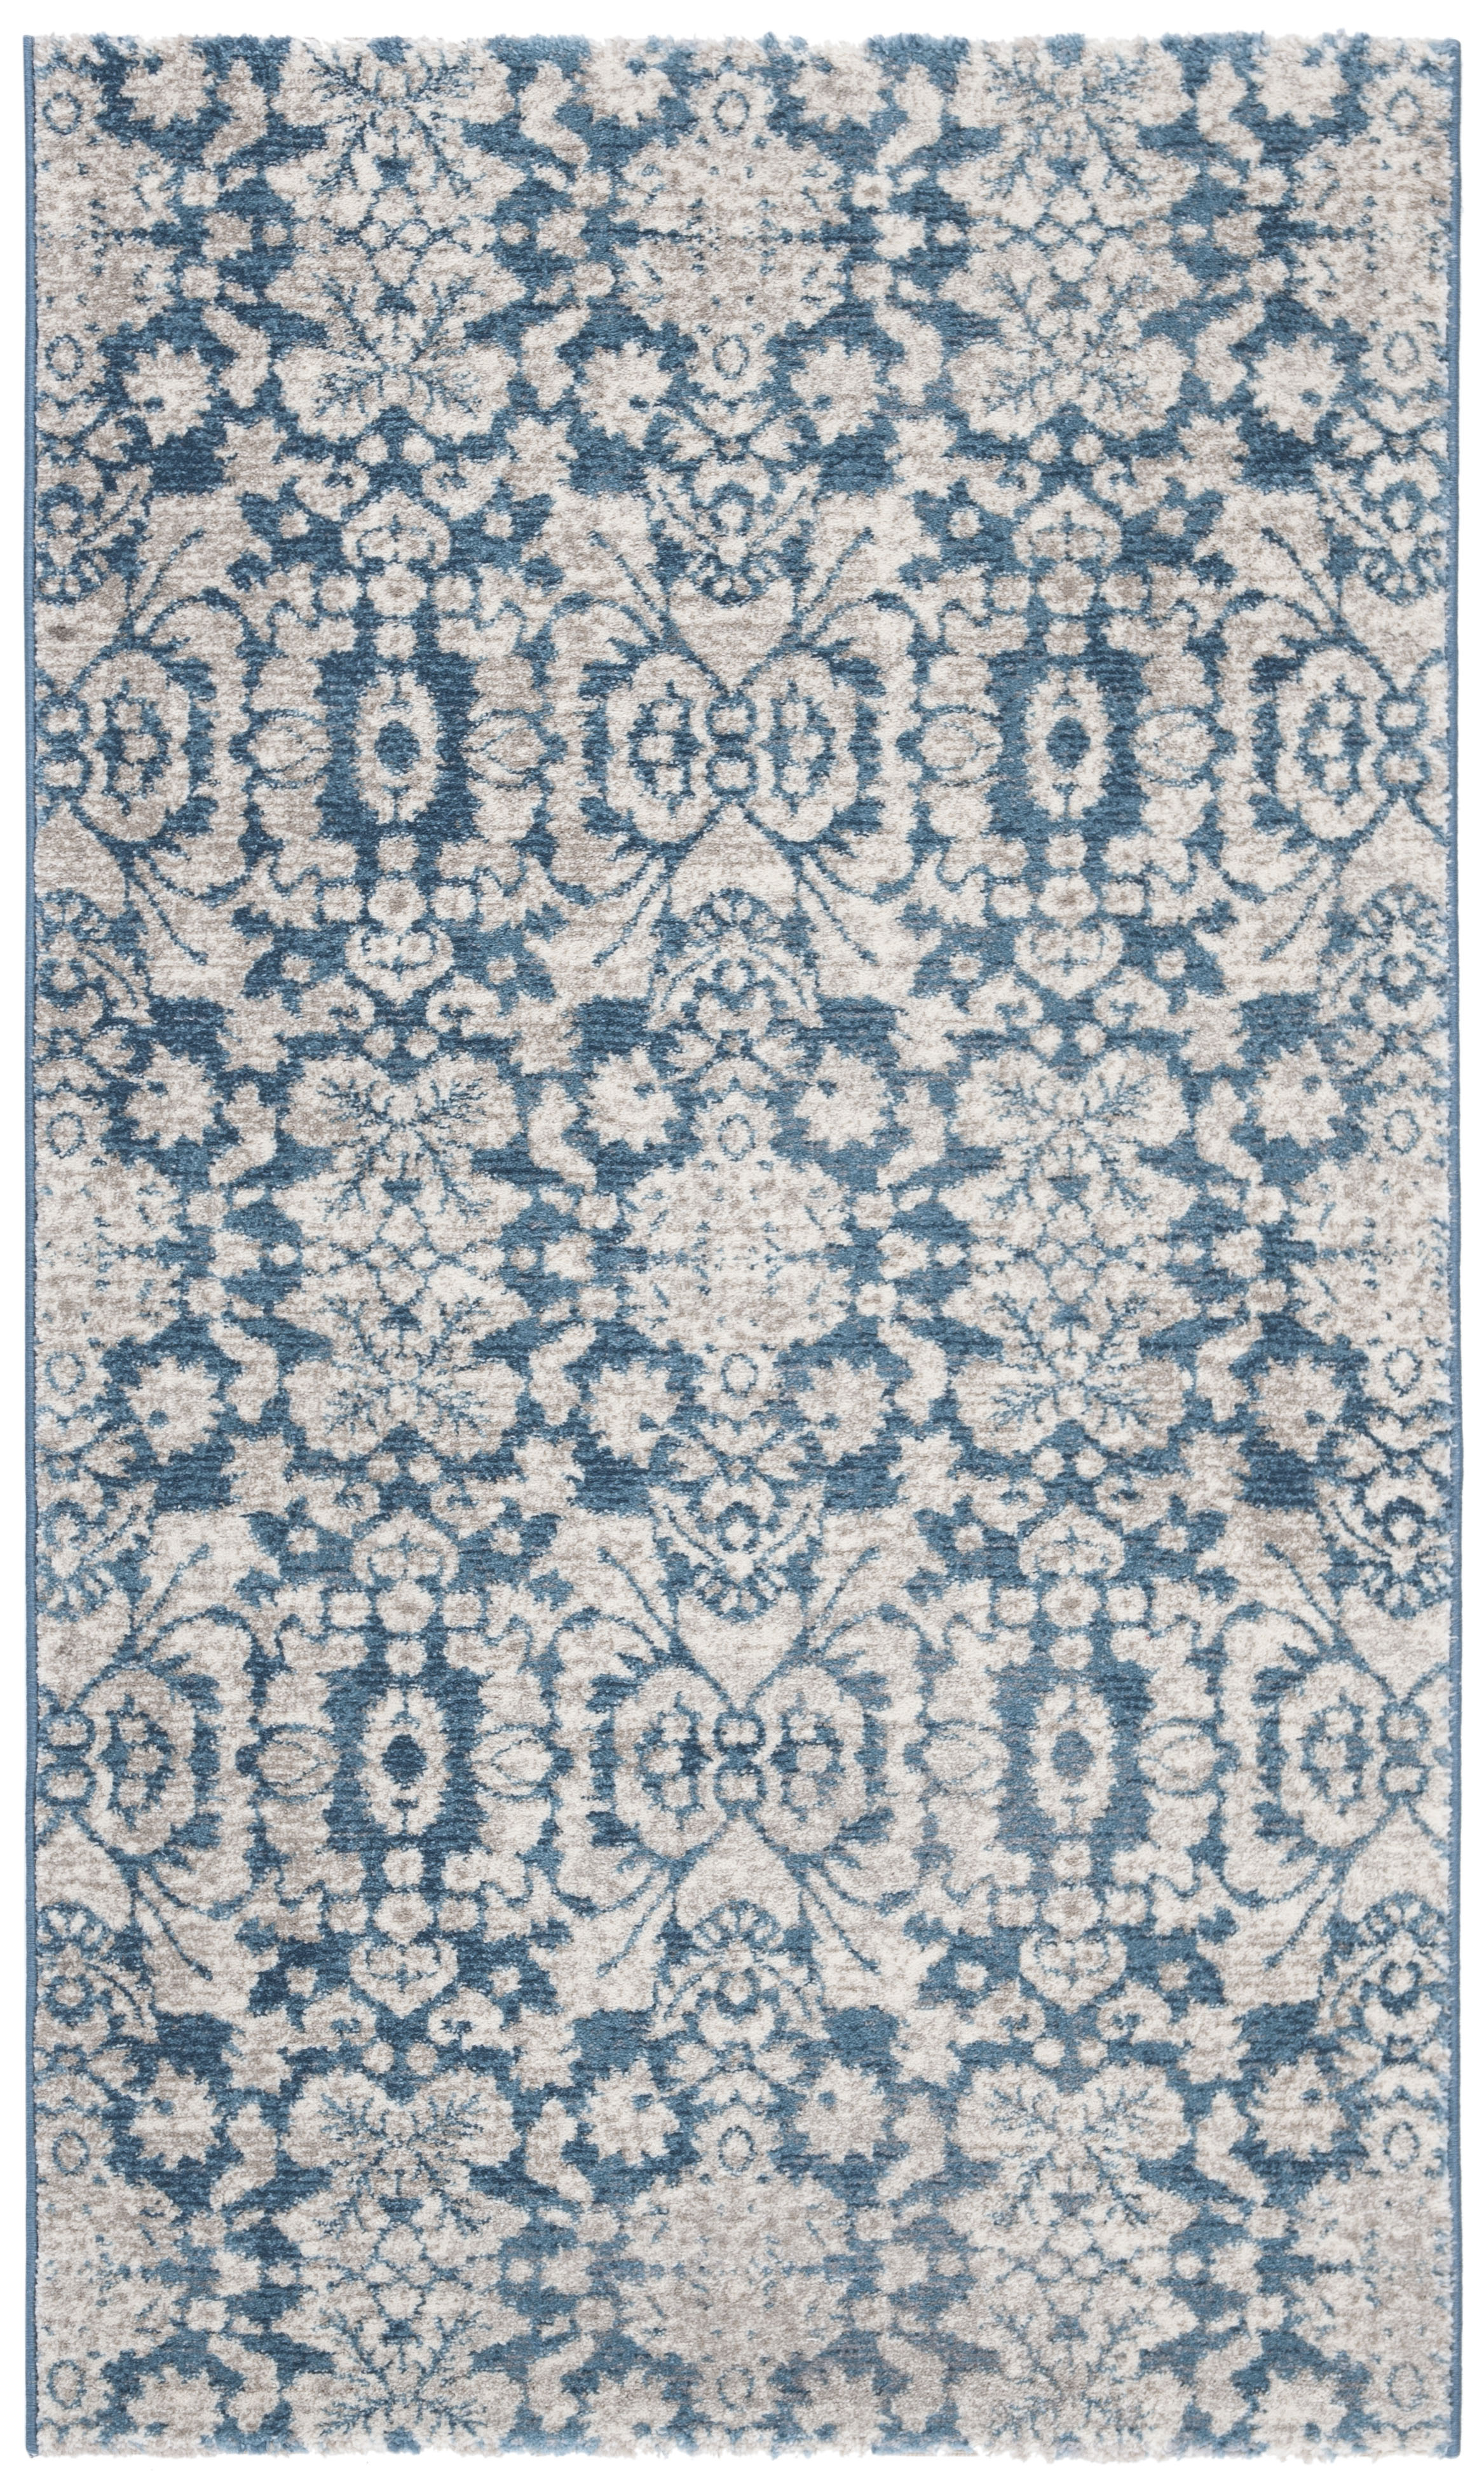 Tapis de salon d'inspiration vintage bleu et beige 120x180